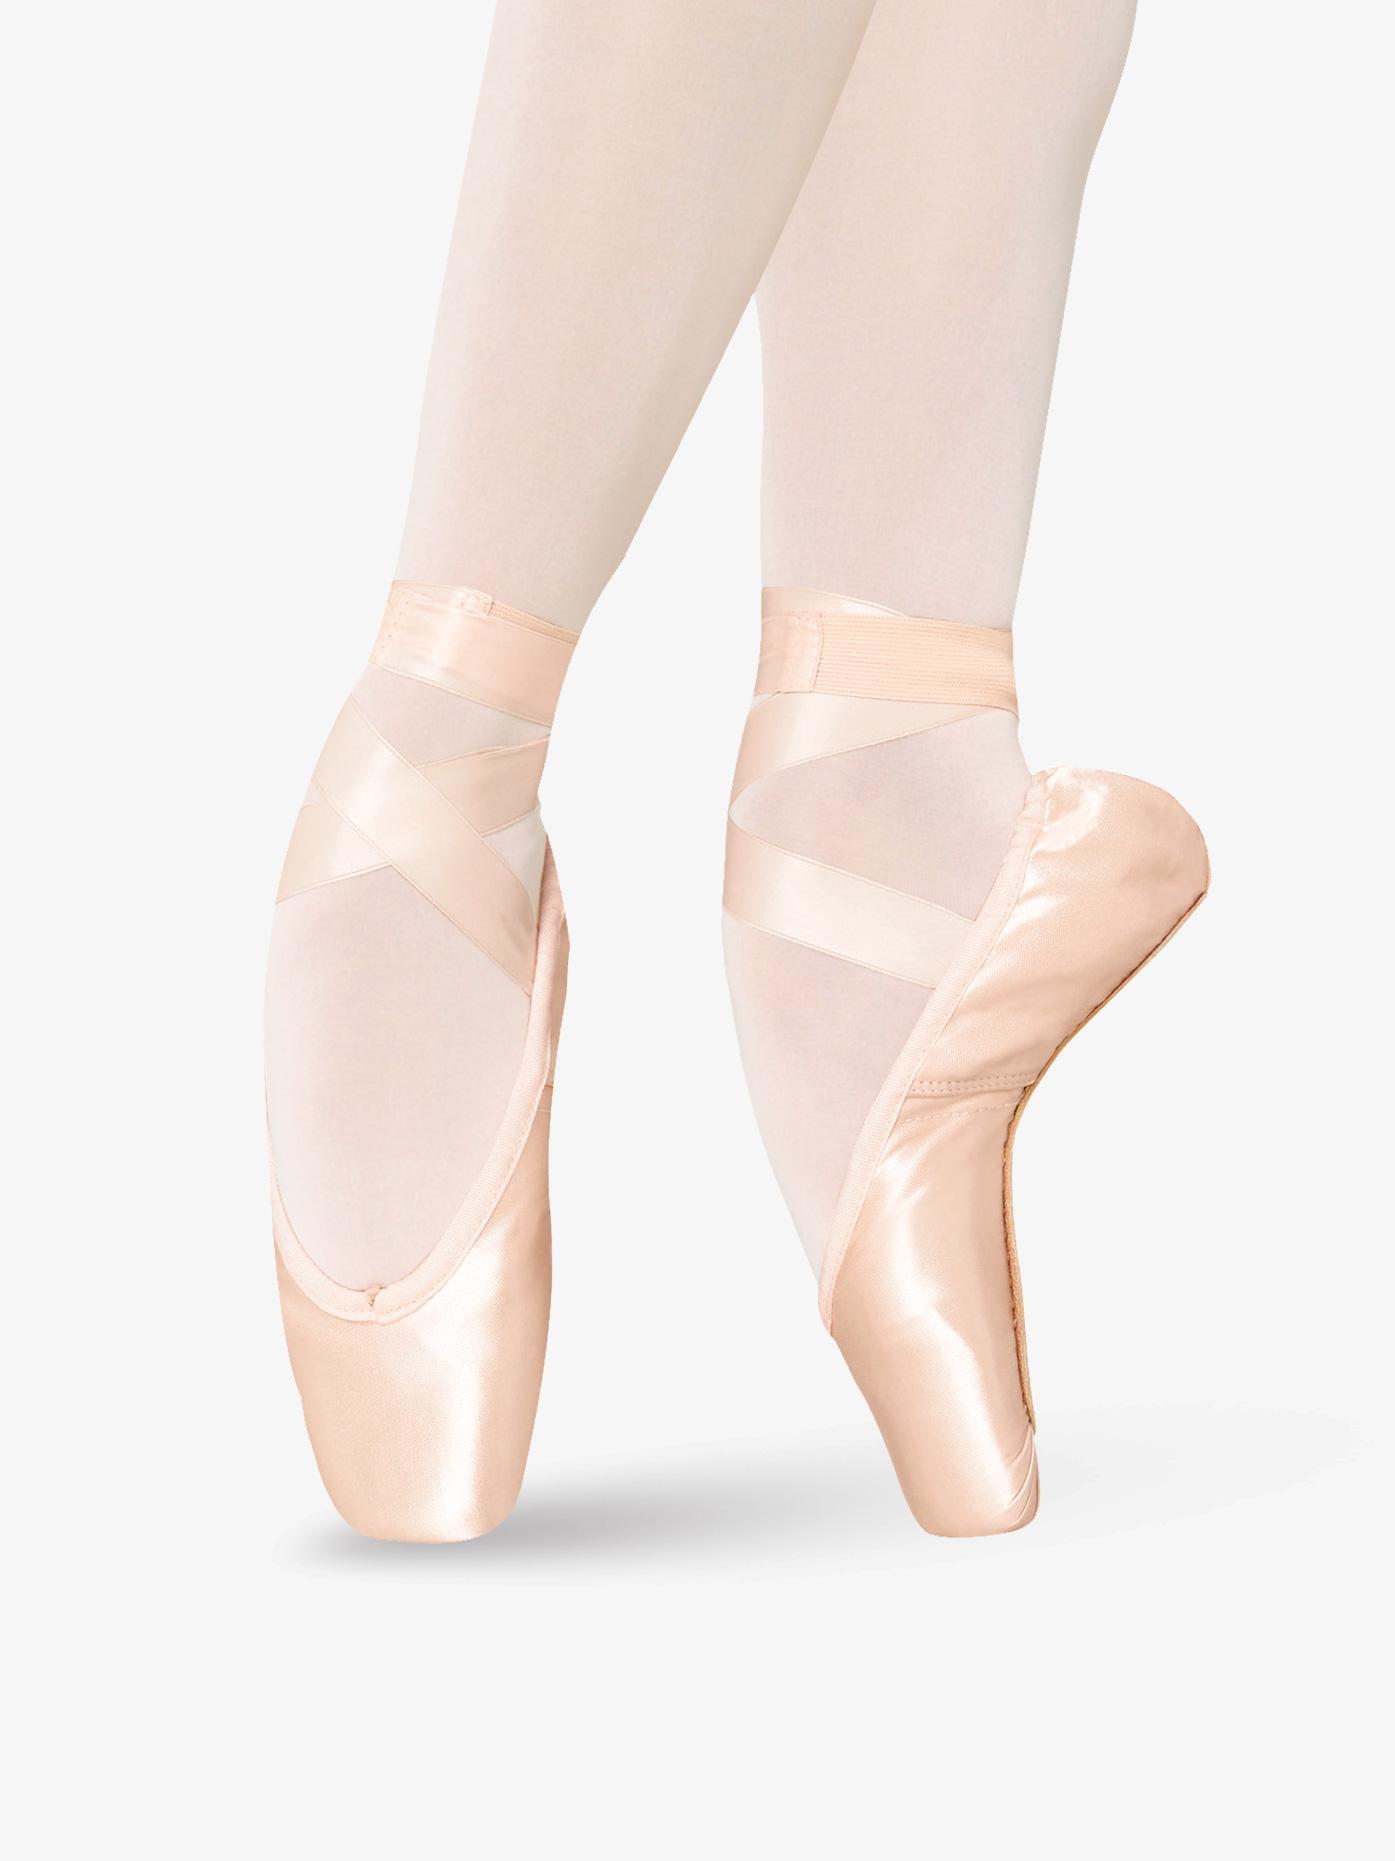 Adult-Amelie-Pointe-Shoes-Medium-Shank.jpg